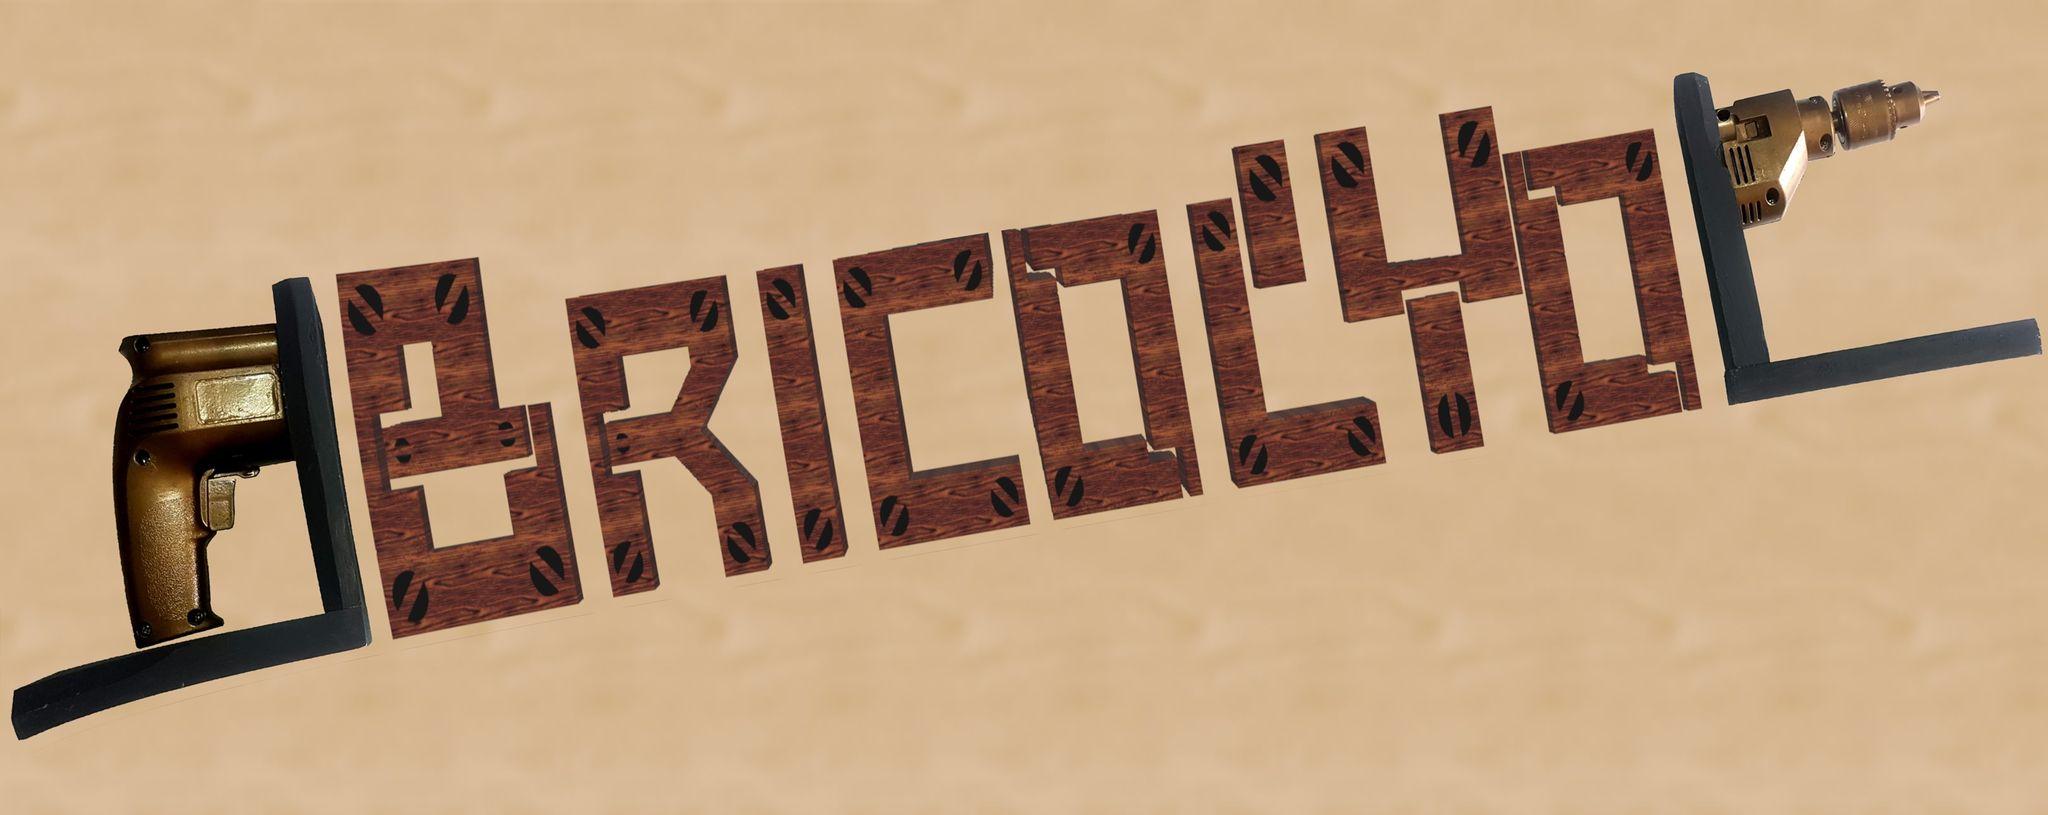 Bricol'yo